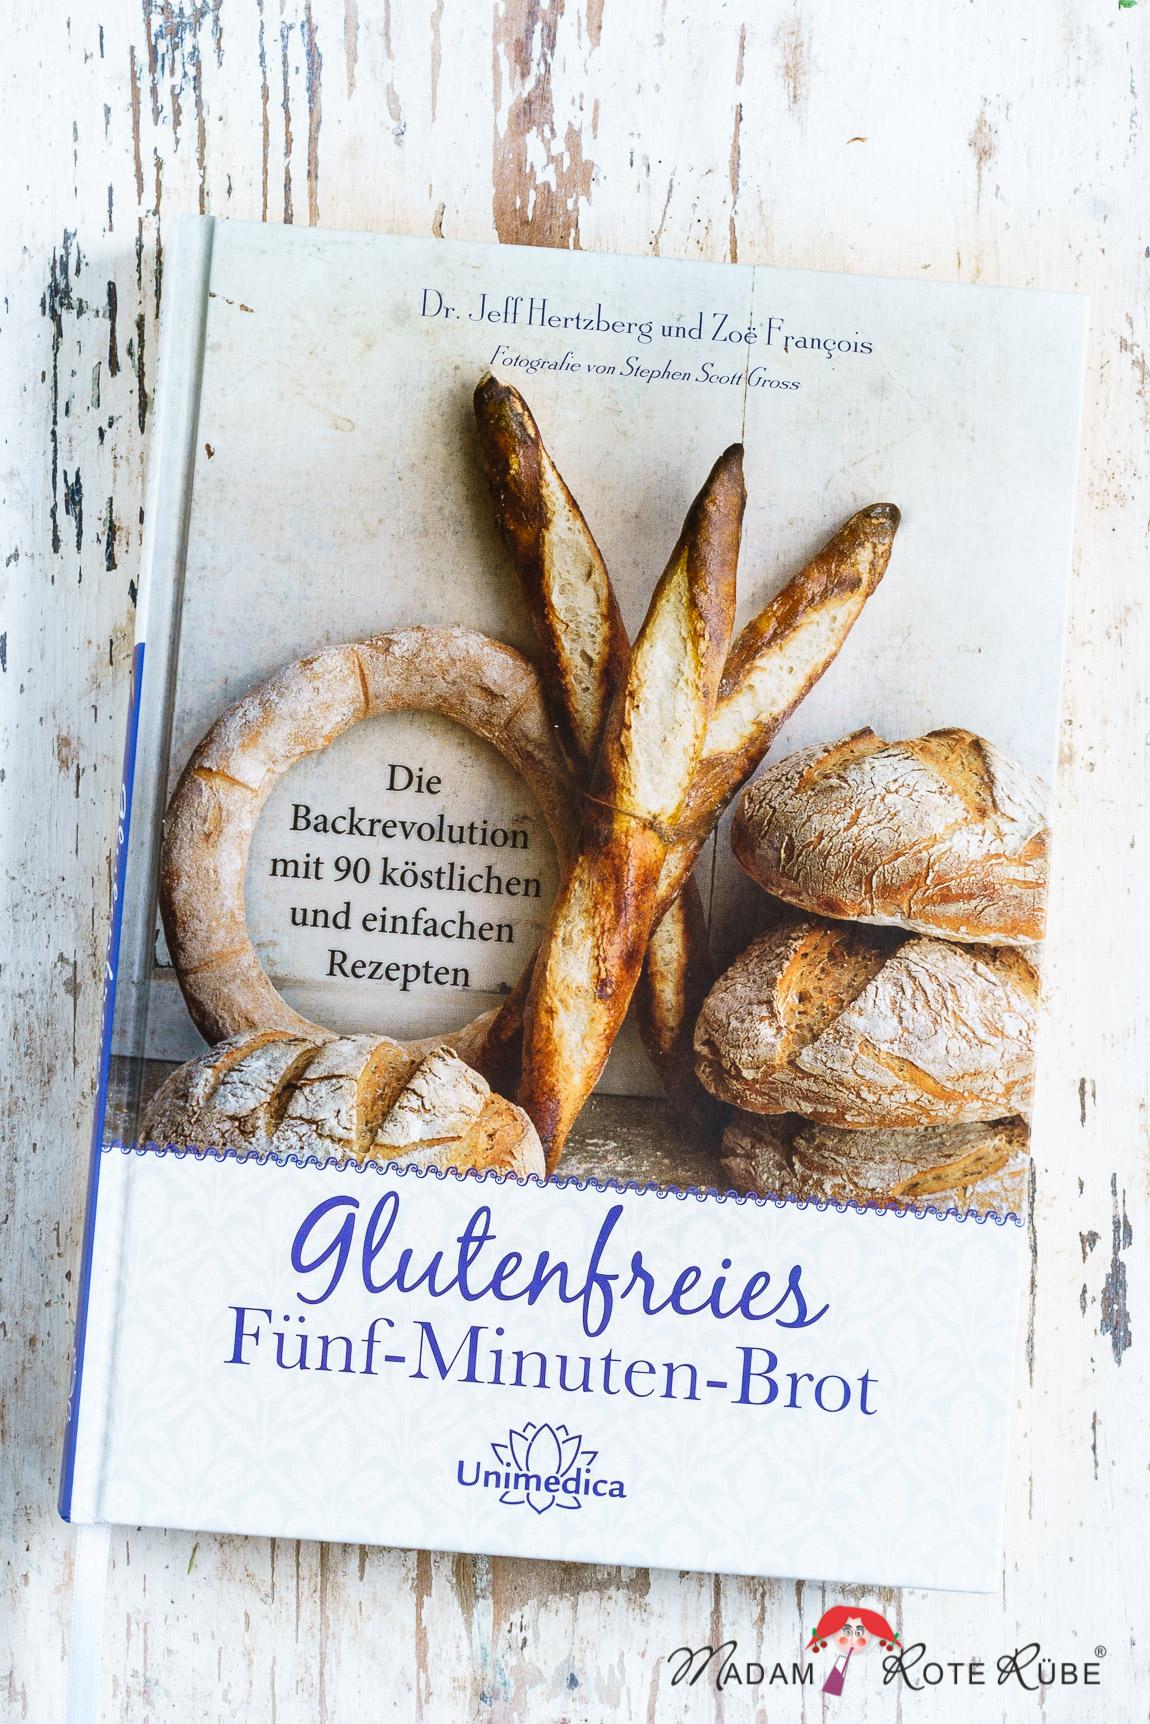 """Madam Rote Rübe - 100-%-Vollkornkörnerbrot & eine Buchvorstellung: """"Glutenfreies Fünf-Minuten-Brot"""" von Dr. J. Hertzberg / Z. Francois"""